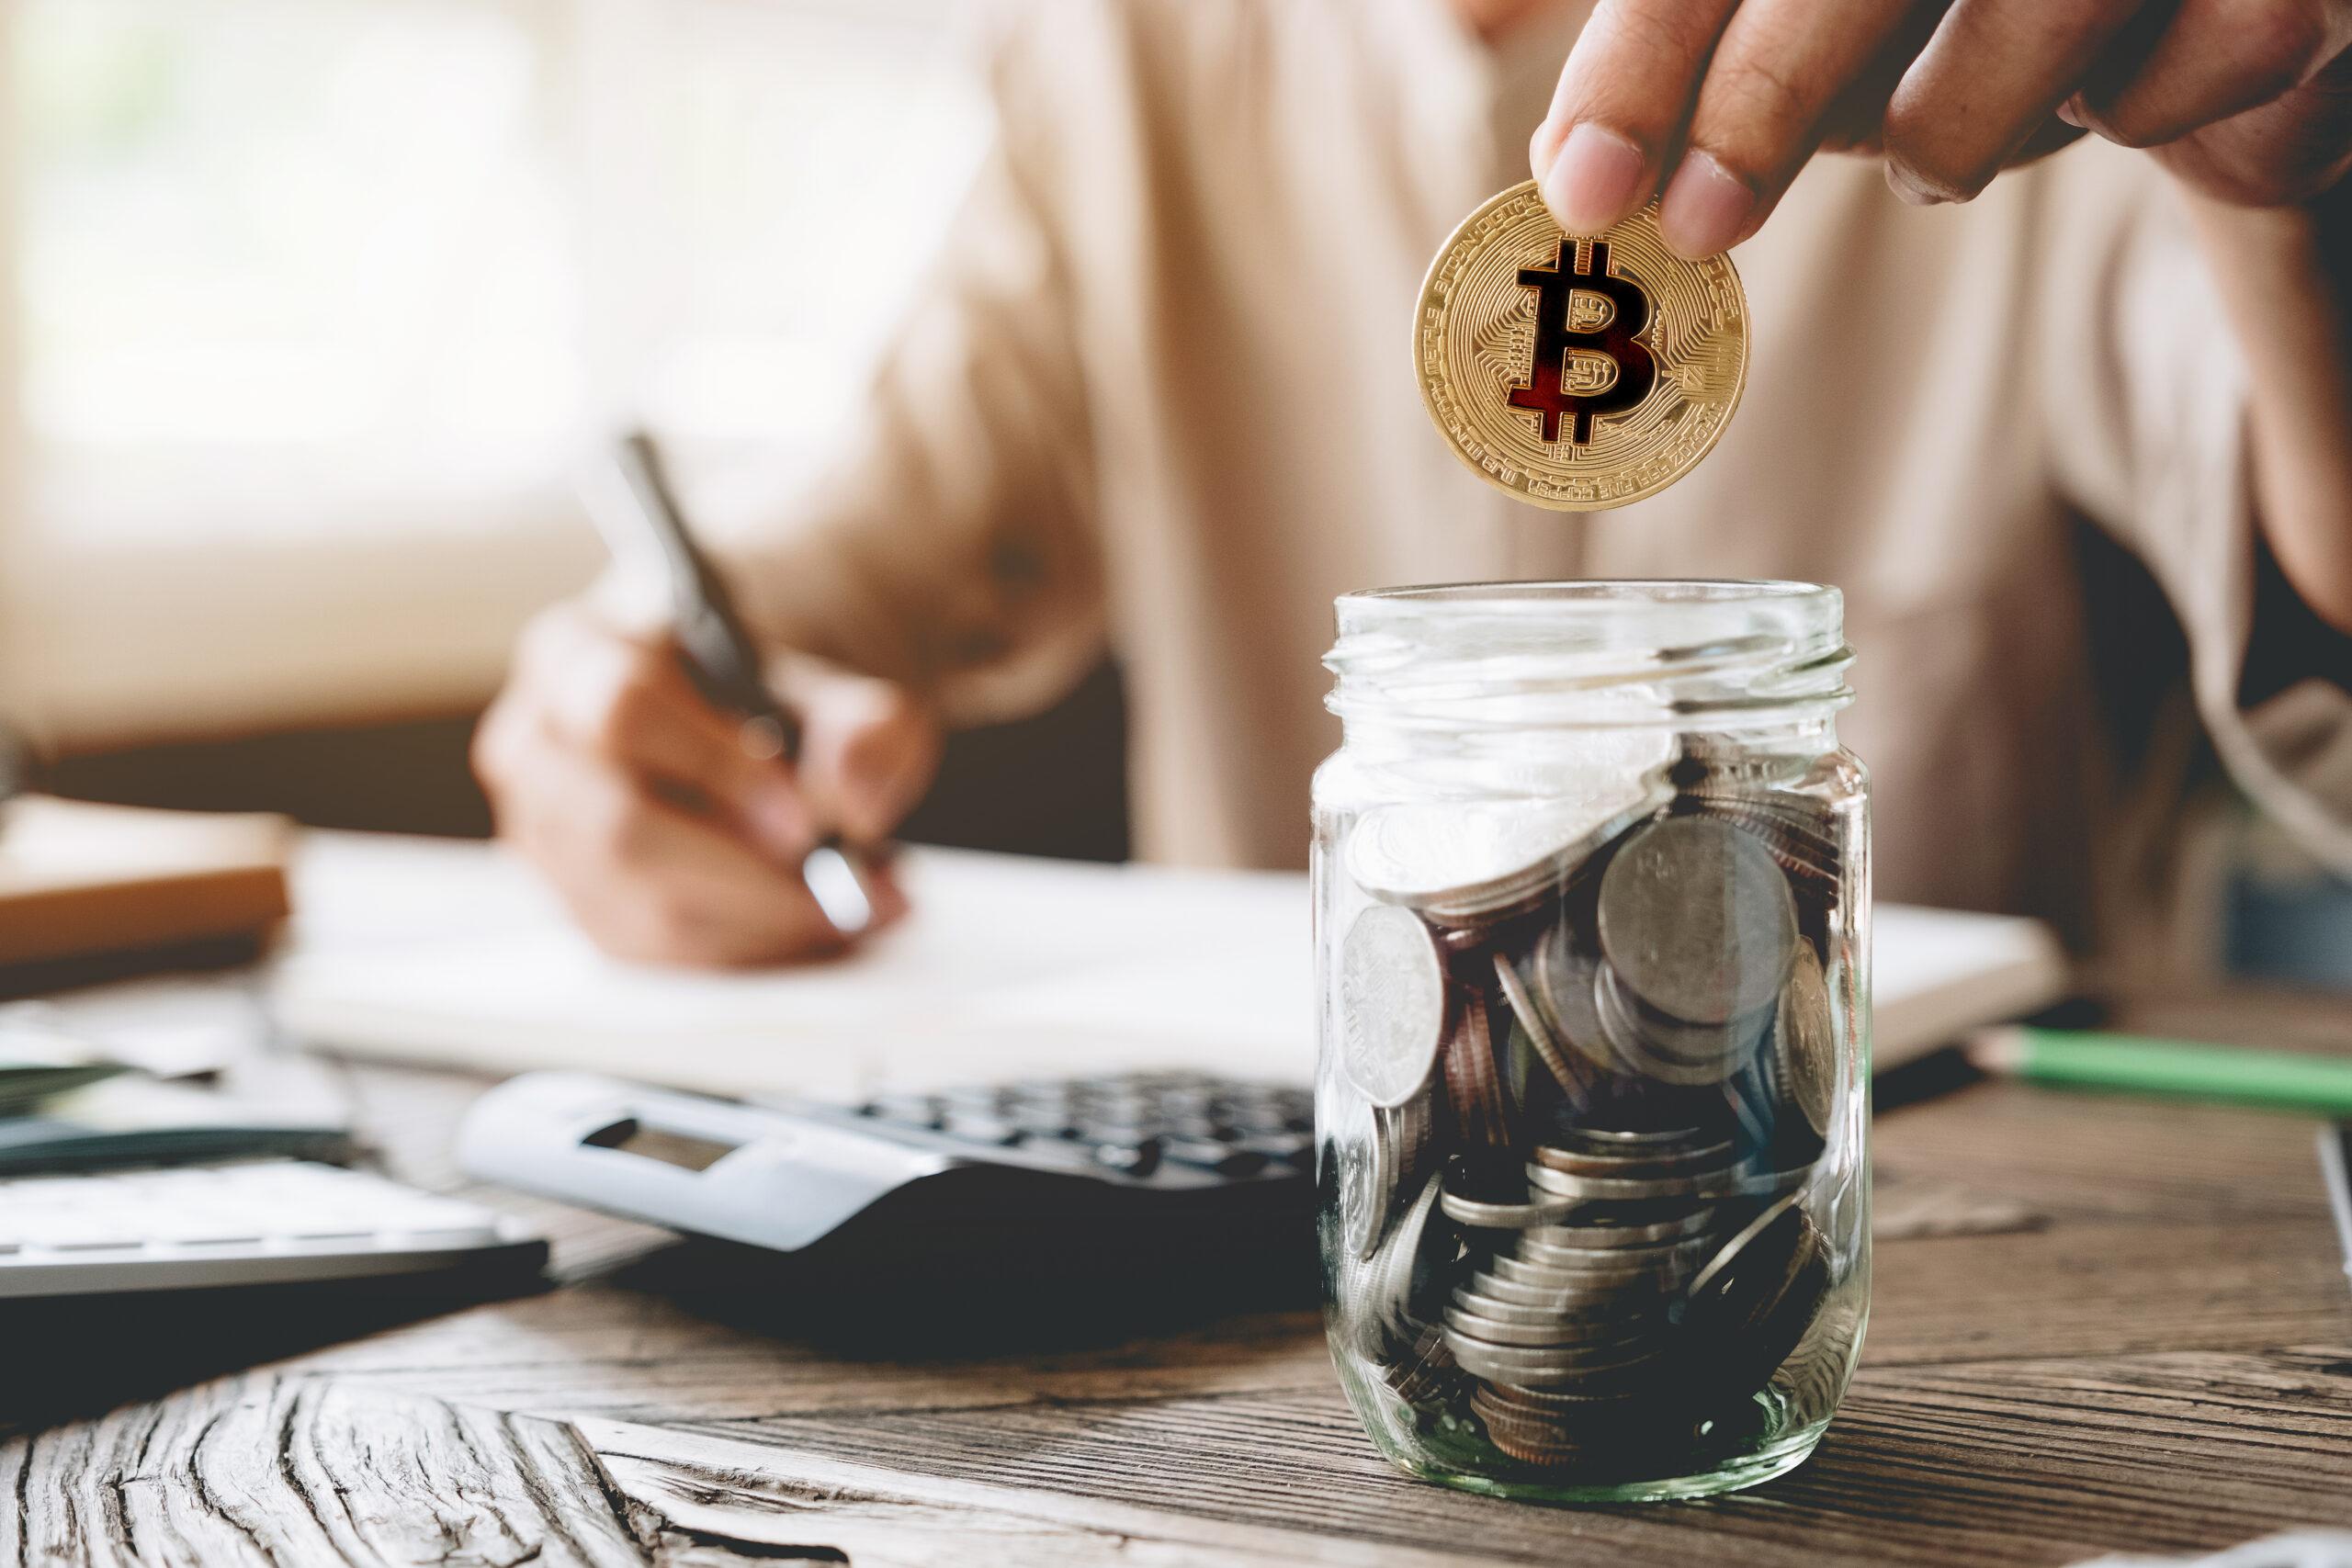 Tax treatment of bitcoin - 20 May 2021